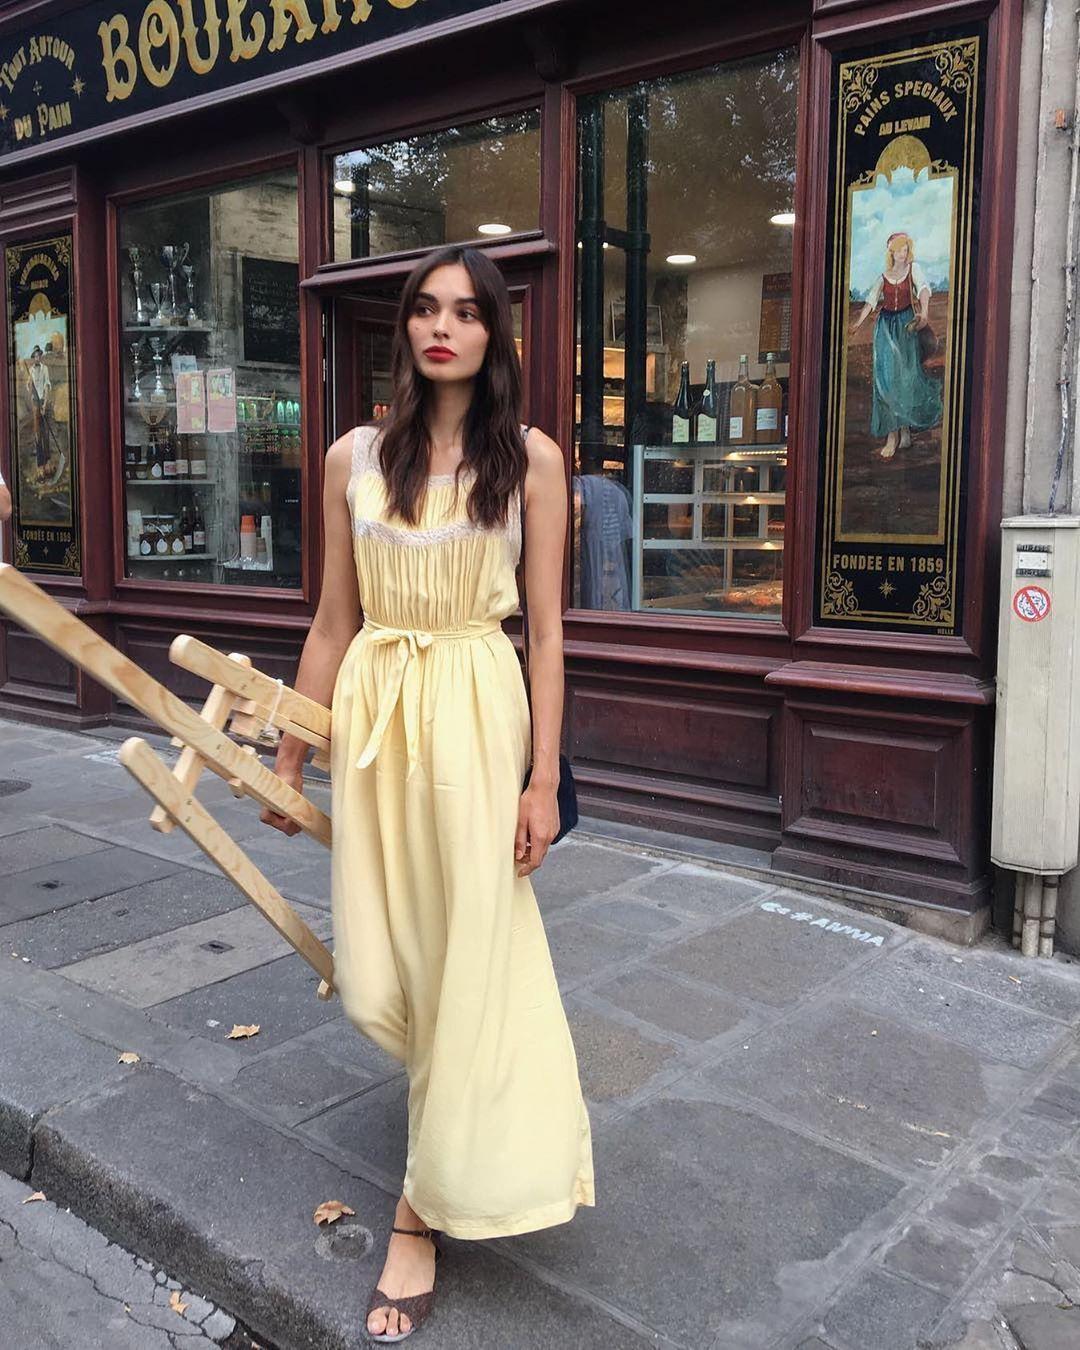 Trời se lạnh mà 'quẩy' váy dáng dài là style sẽ yêu kiều như gái Pháp, điểm sang chảnh cũng tăng ngùn ngụt 7